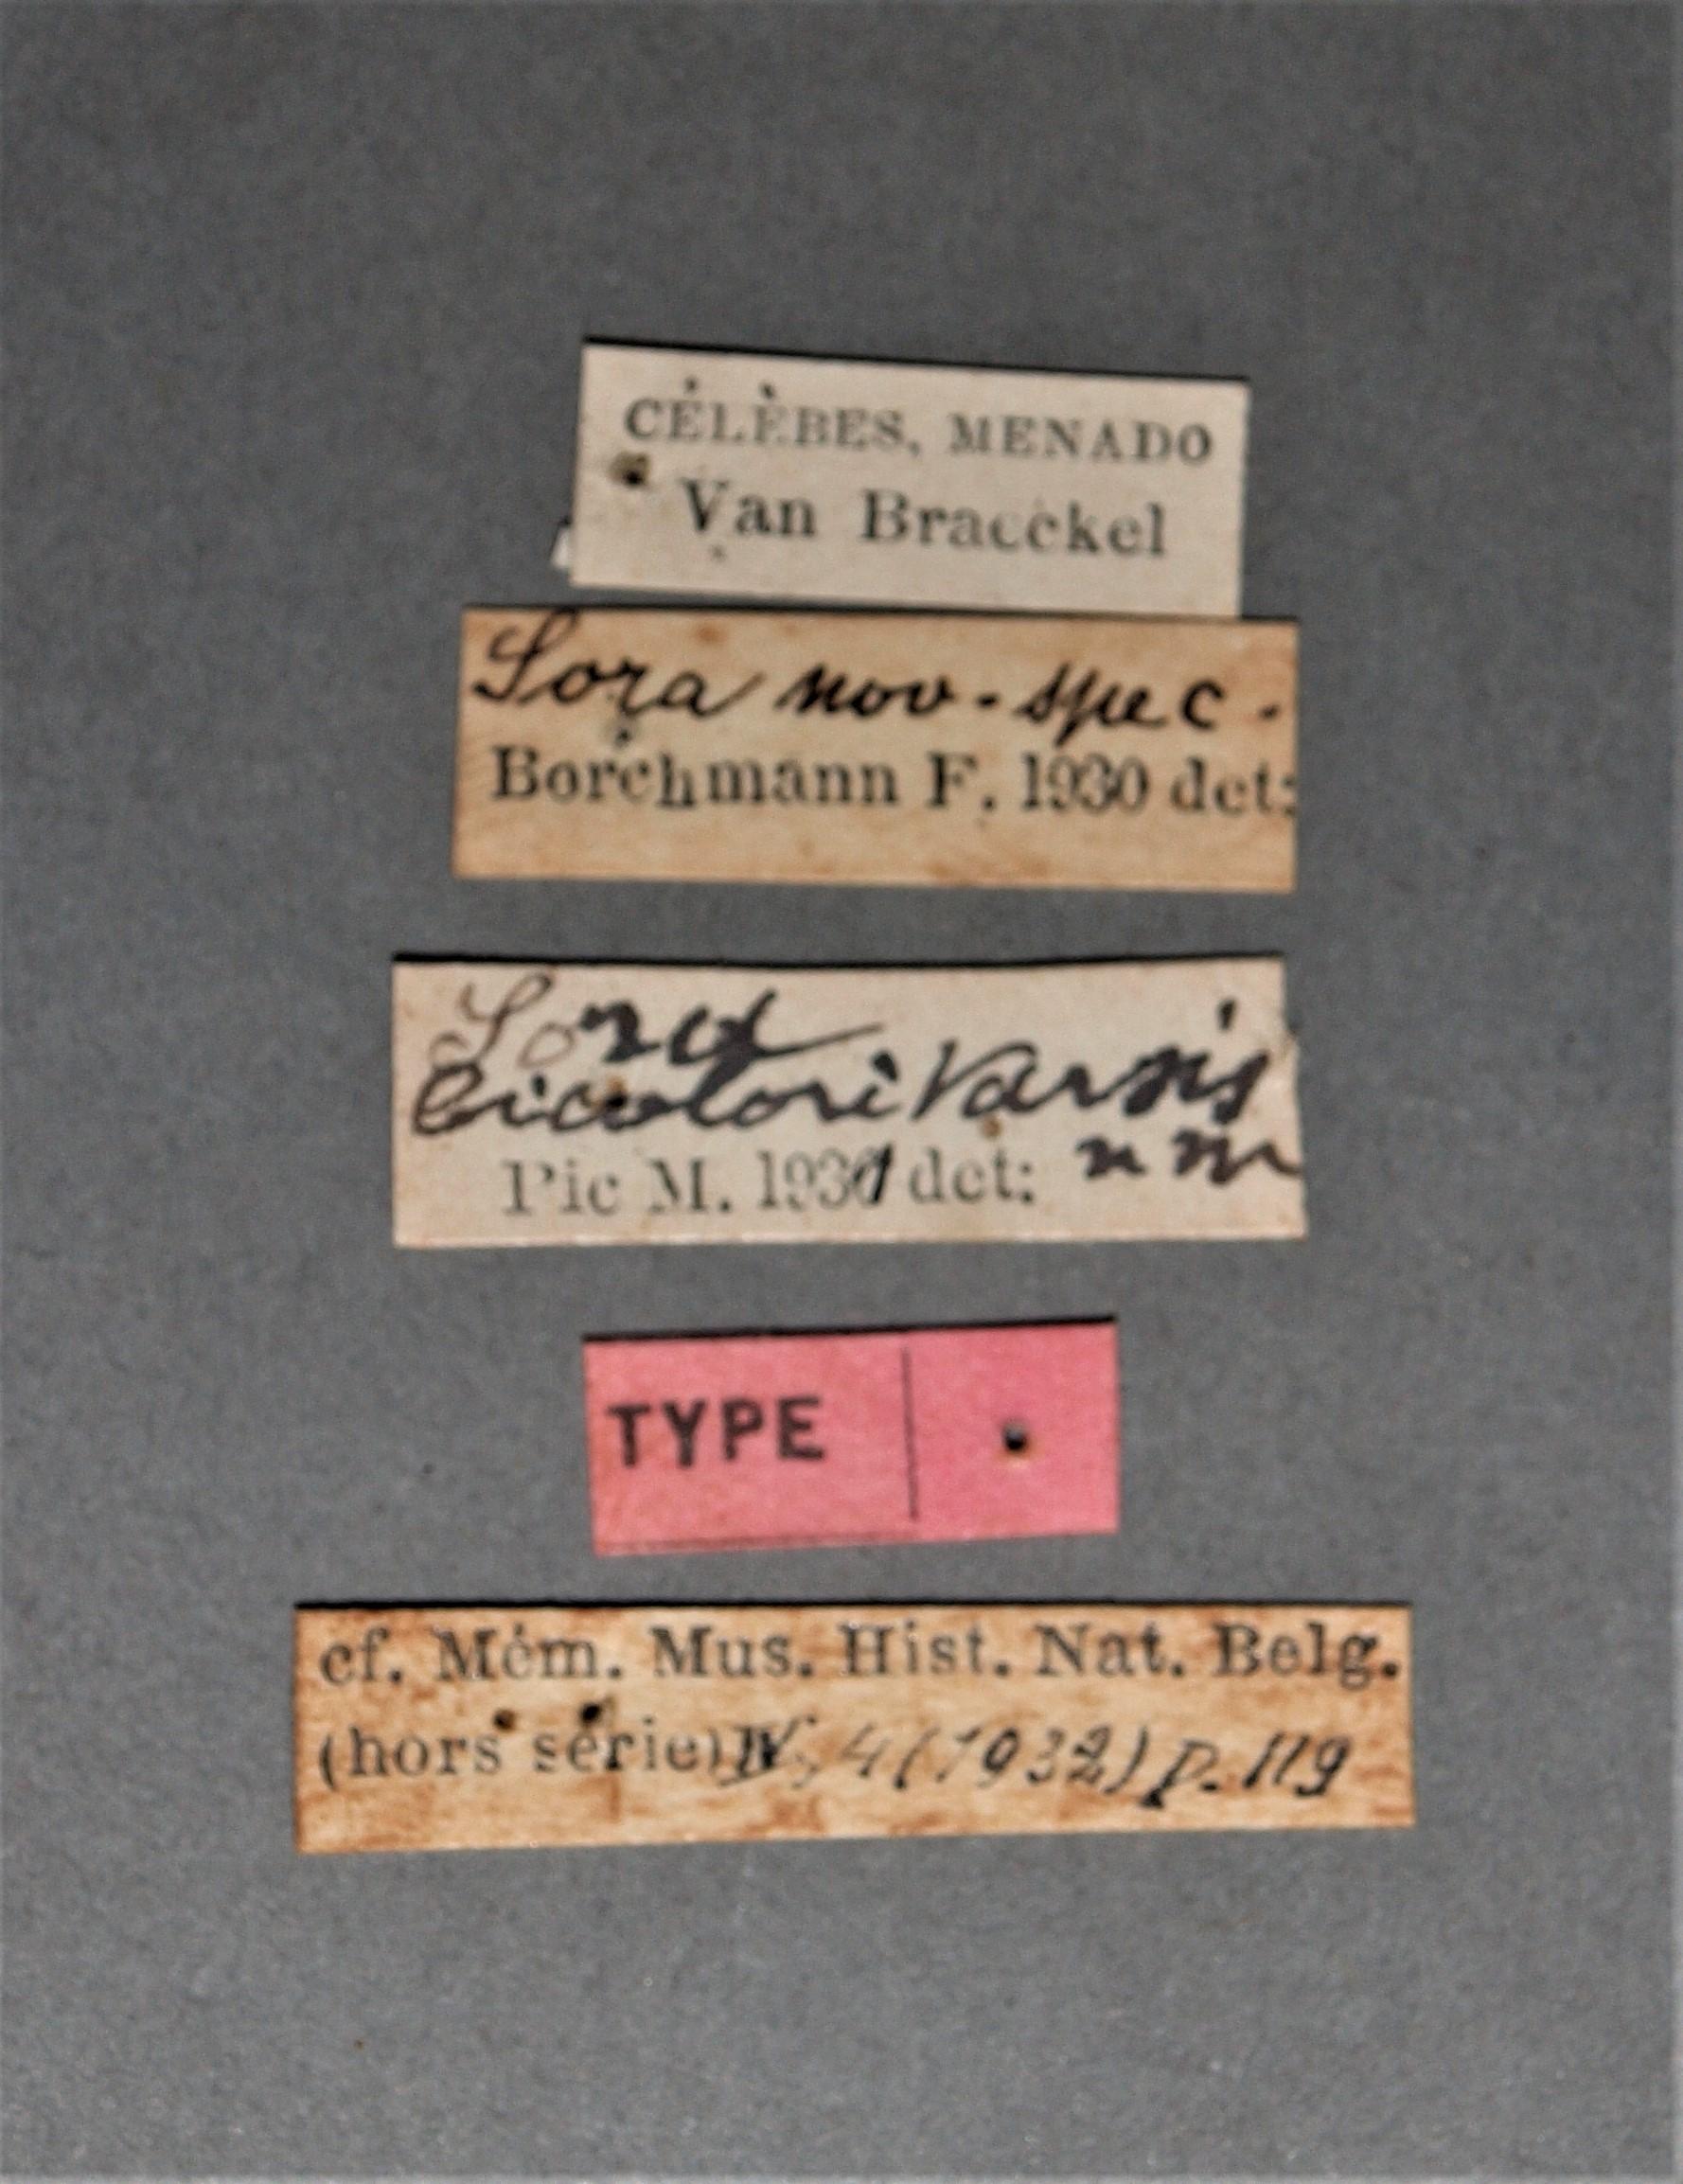 Sora bicoloritarsis t.JPG